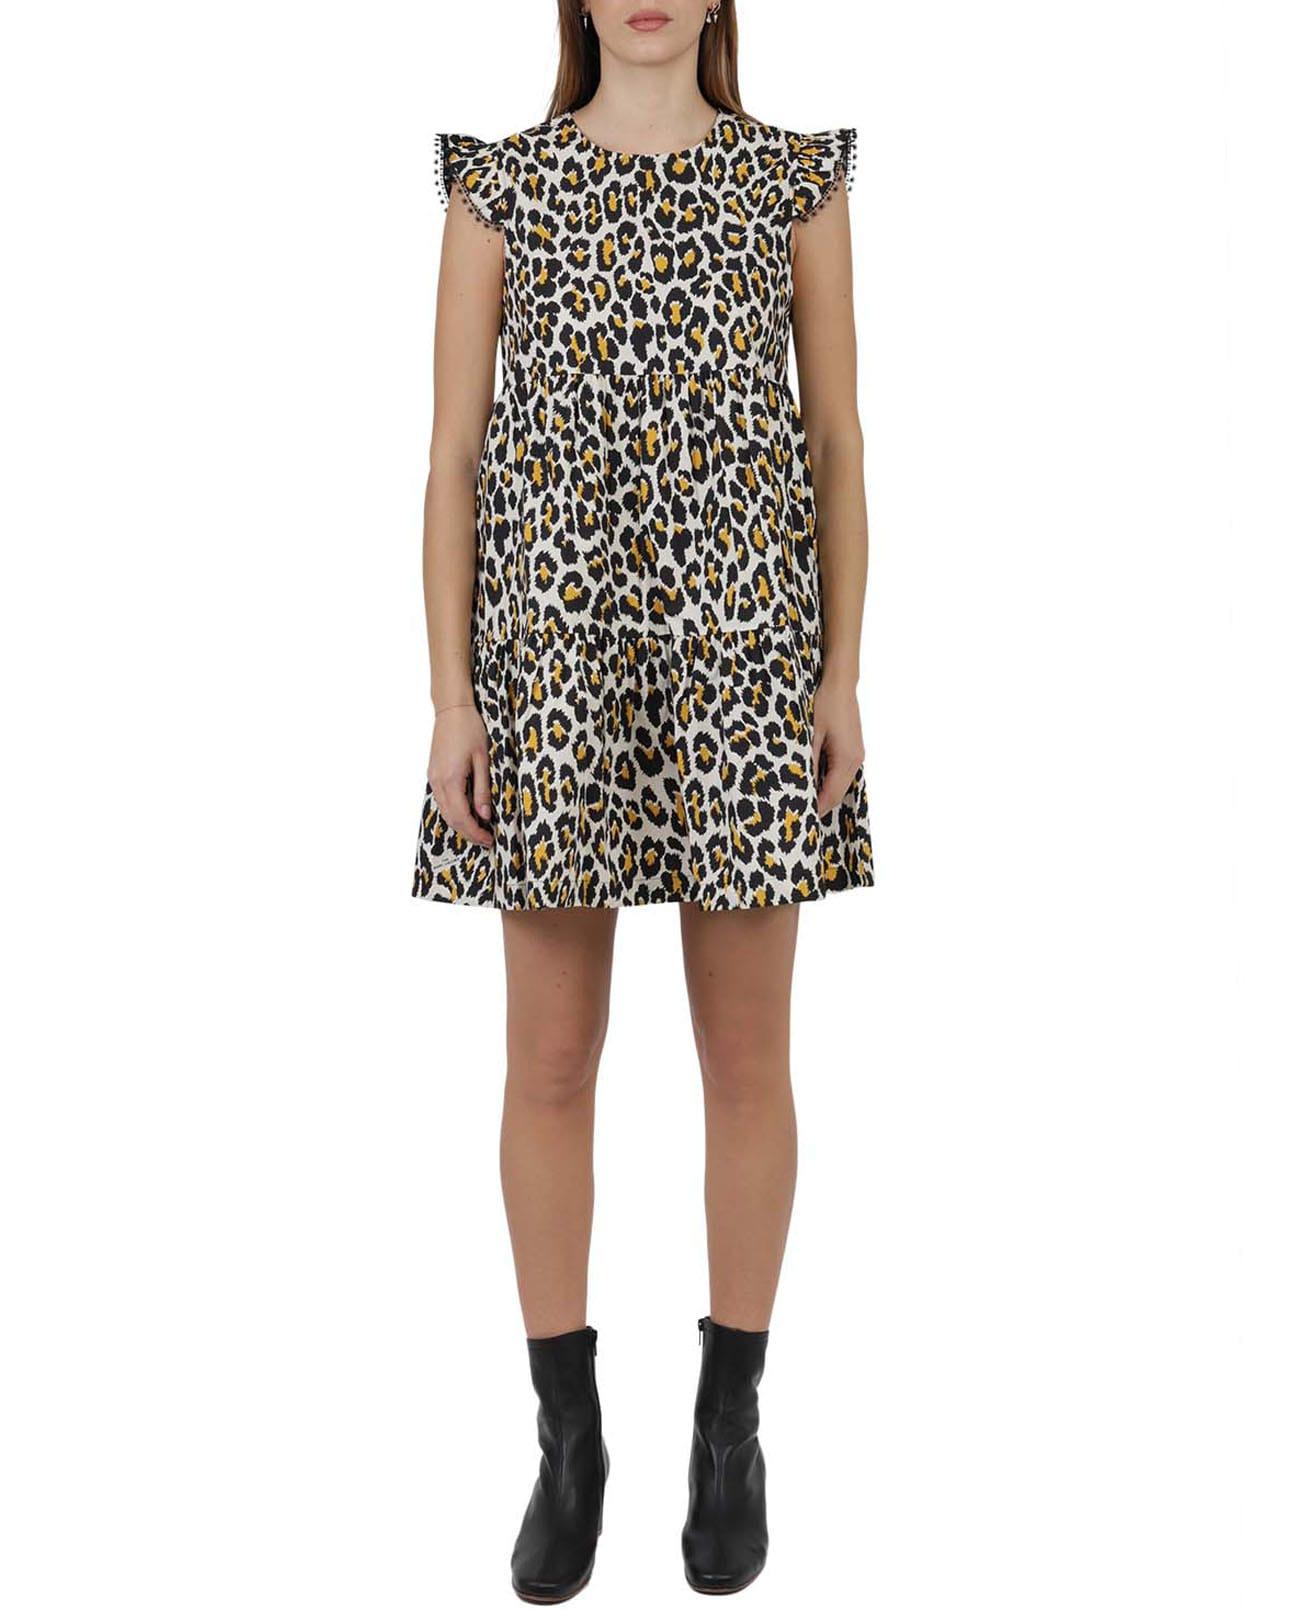 Marc Jacobs LEOPARD TENT DRESS